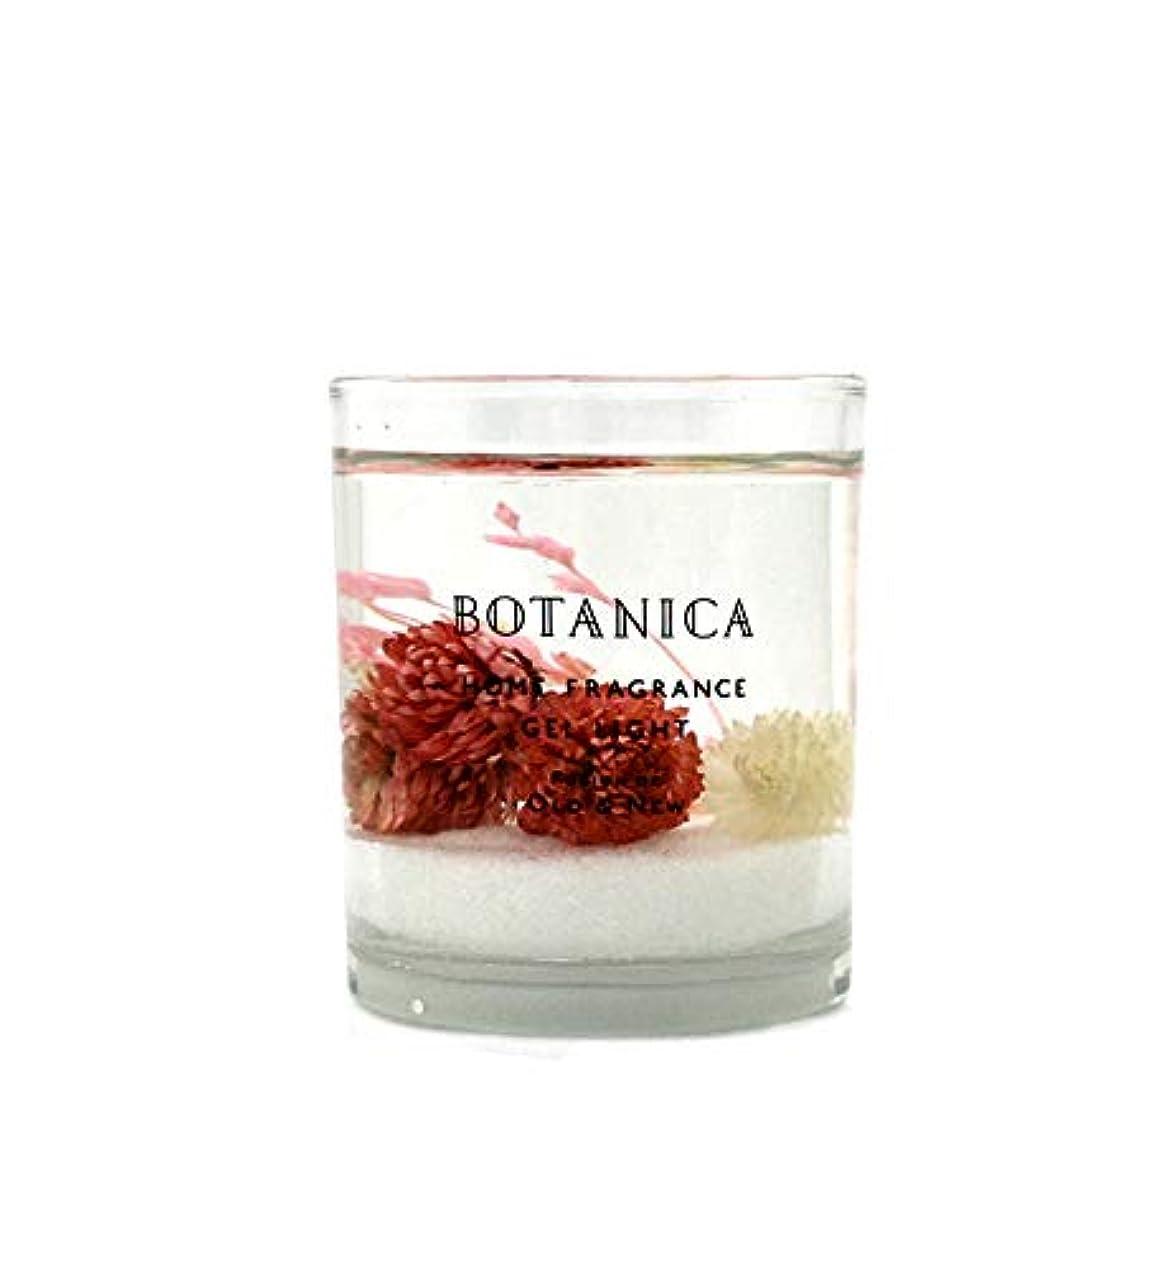 豊富に驚かす入札BOTANICA(ボタニカ) BOTANICA ハーバリウムジェルライト プリムフラワー Herbarium Gel Light Primm Flower ボタニカ H75×Φ60mm/90g